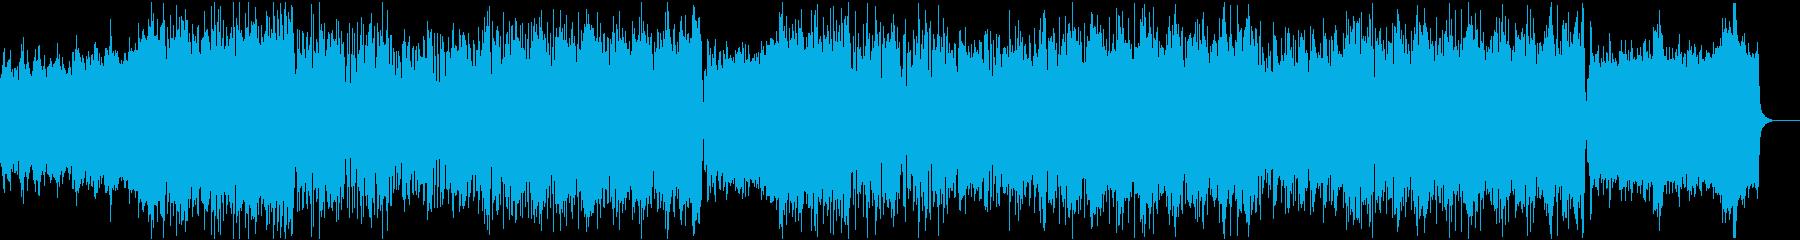 宇宙っぽいシンセとブラス・ピアノの融合の再生済みの波形